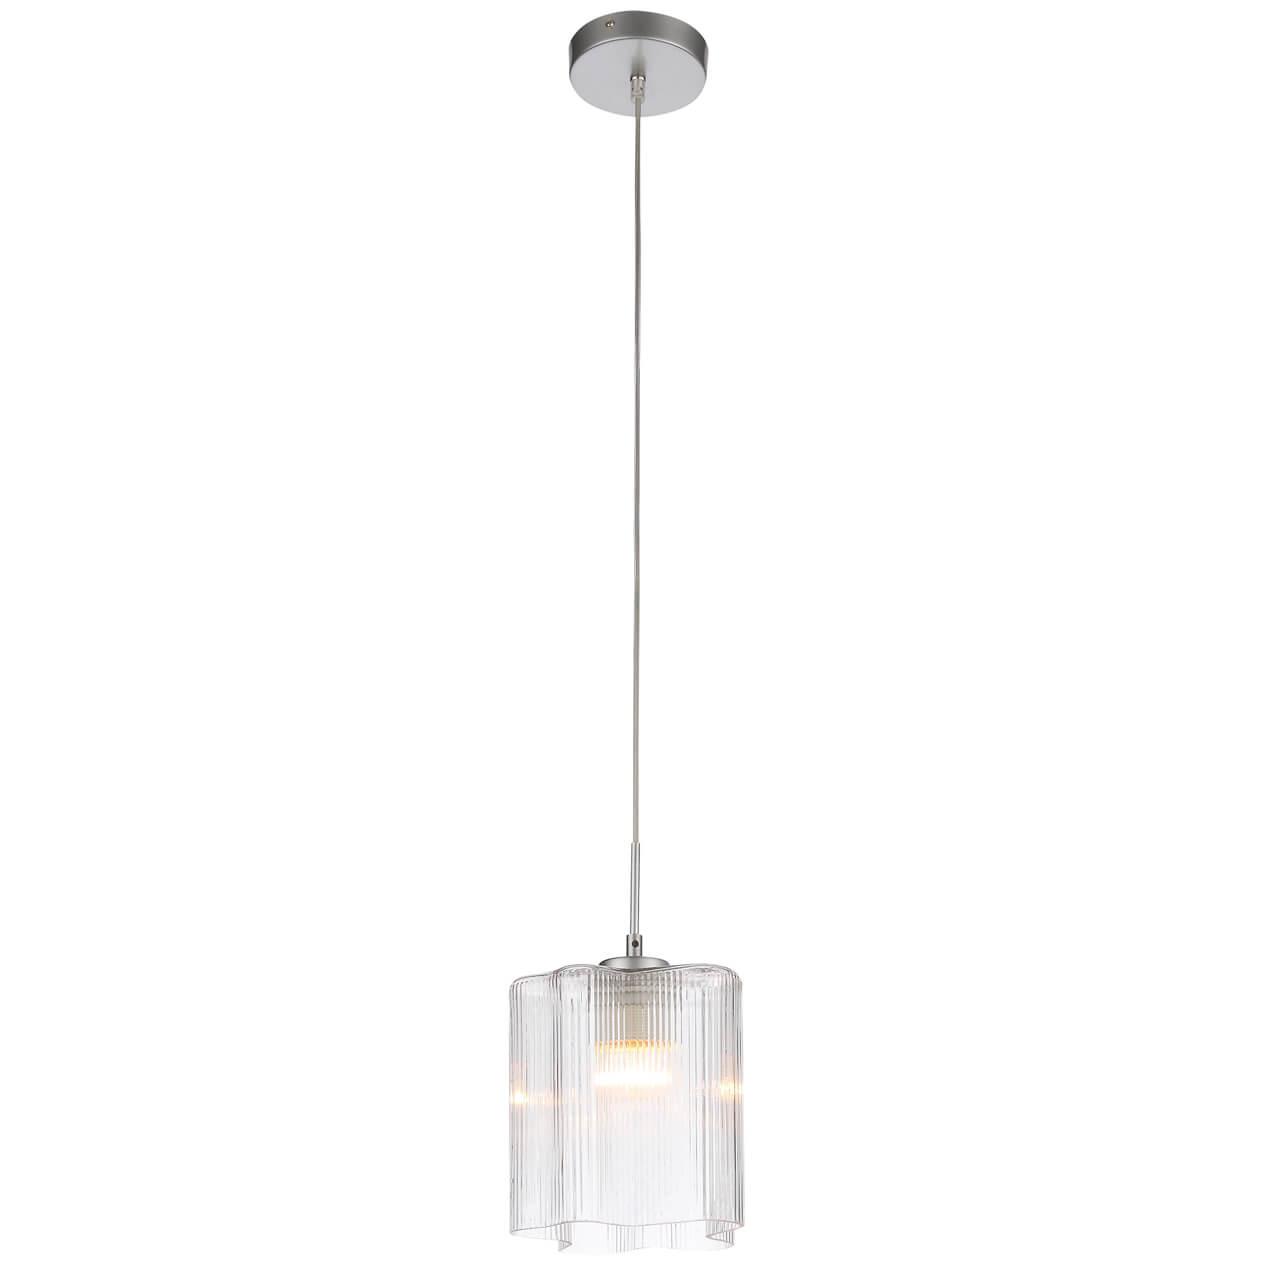 Подвесной светильник ST Luce Onde SL117.103.01 бра st luce onde sl117 501 01